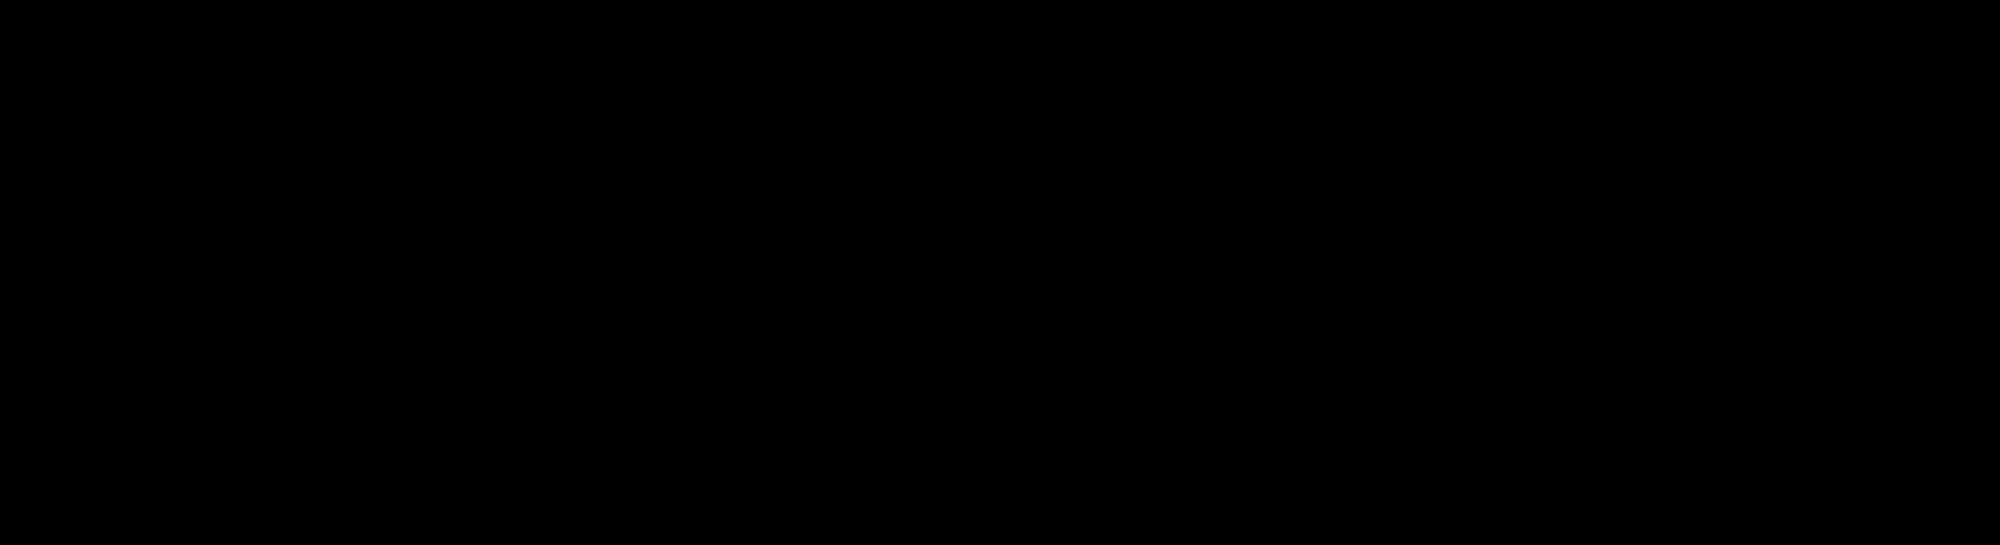 パーソナルトレーニング・ボディメンテナンス SHIN-Fit